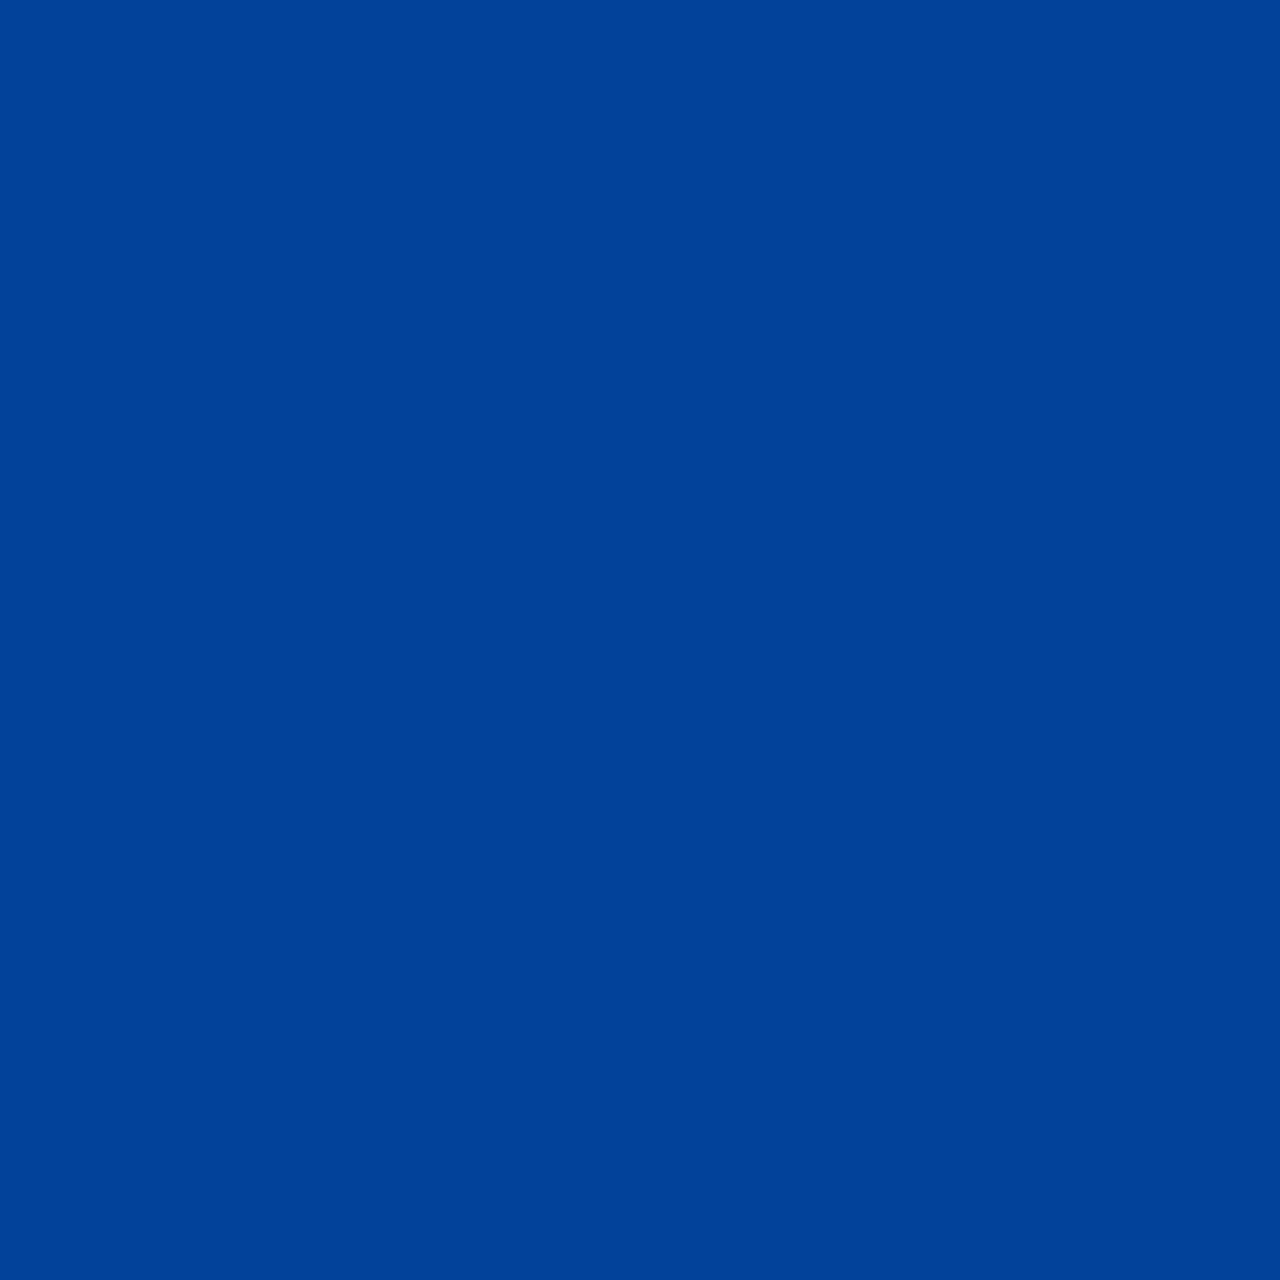 Алюкобонд синий 8826 (3мм/18мкм) 1,22мХ2,44м